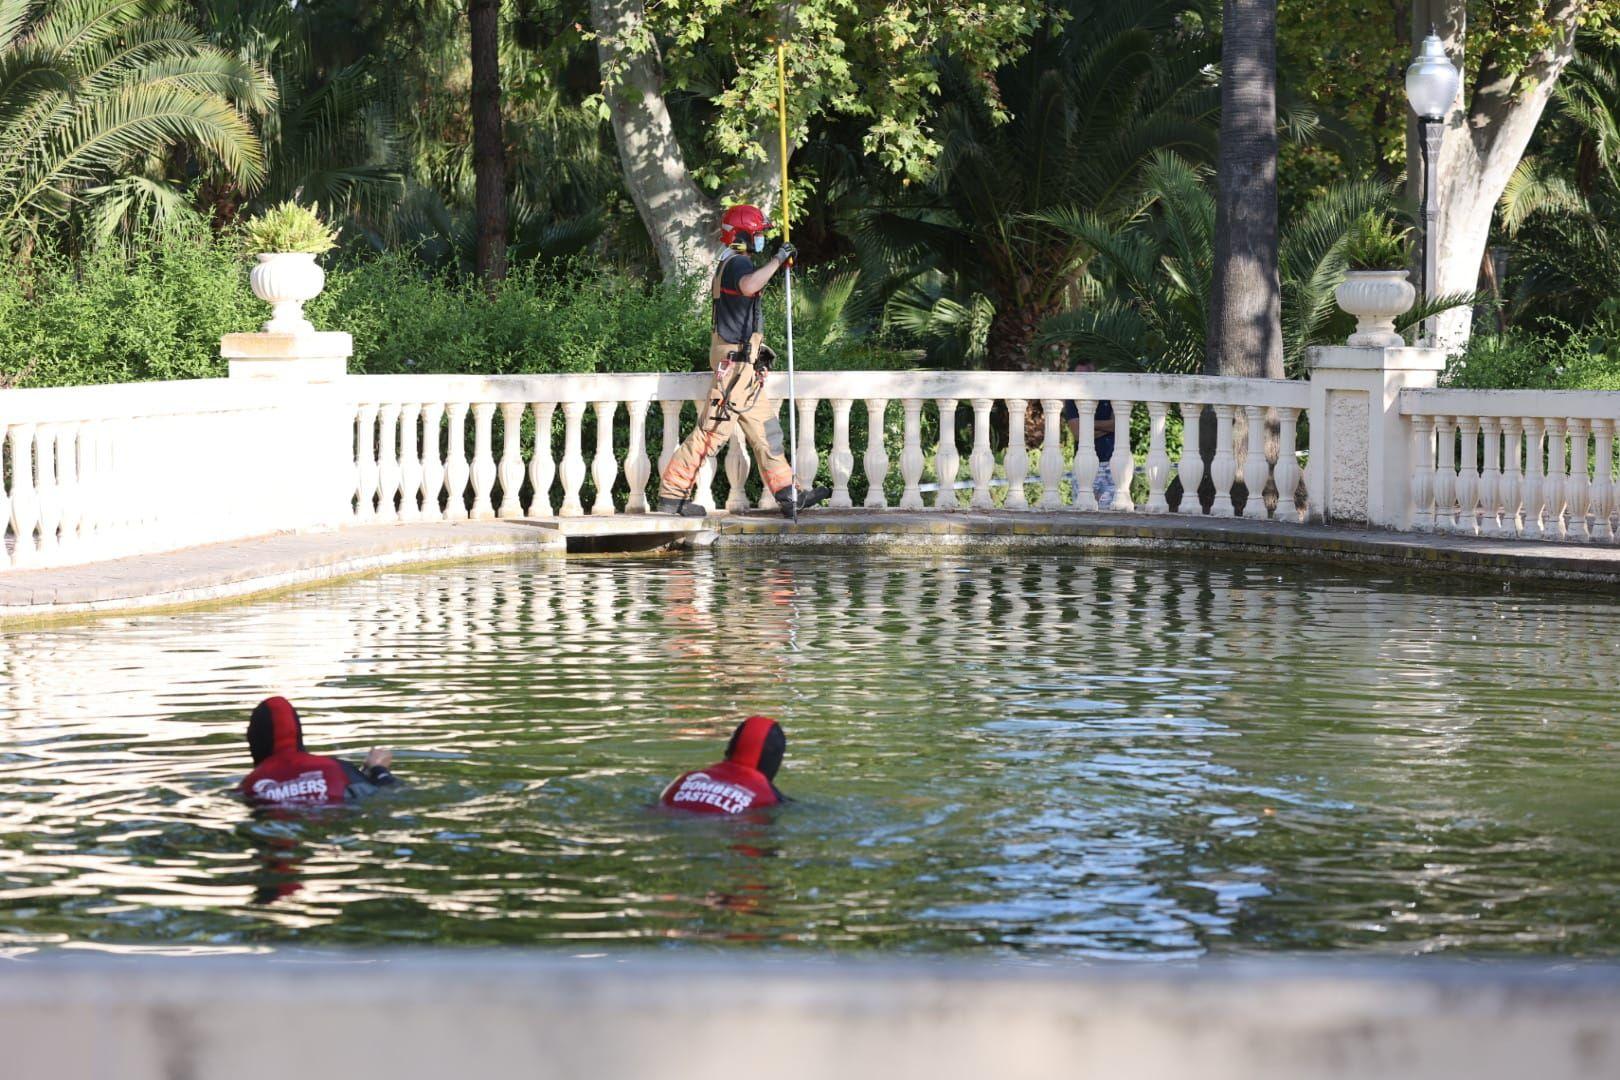 Imagen del rescate del ahogado en el estanque del parque Ribalta